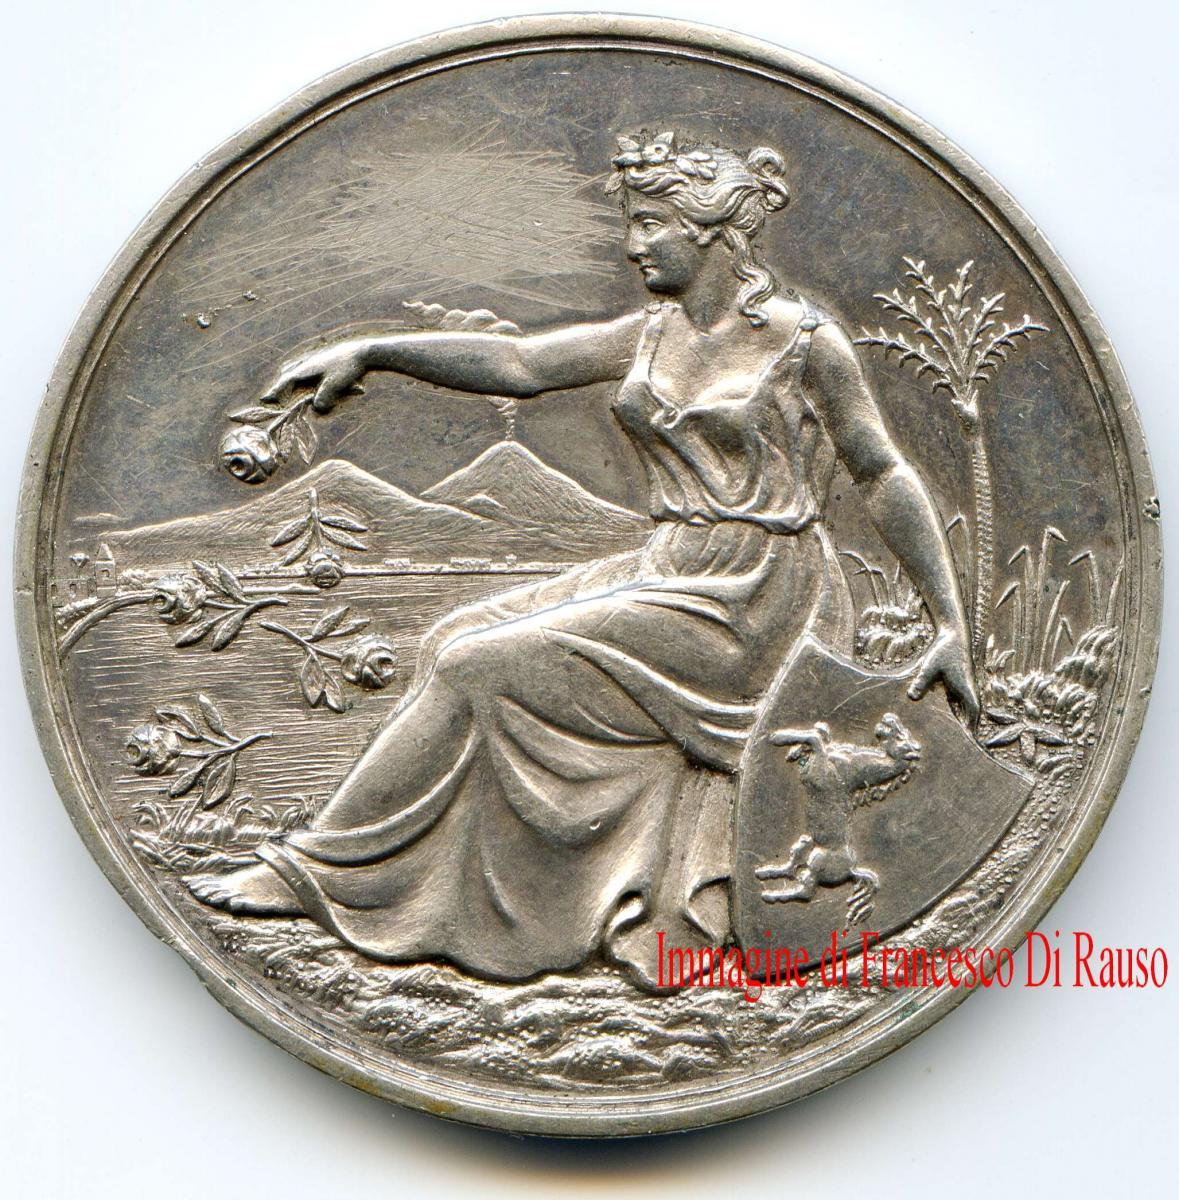 Le medaglie per le esposizioni e fiere in italia for Siti di collezionismo